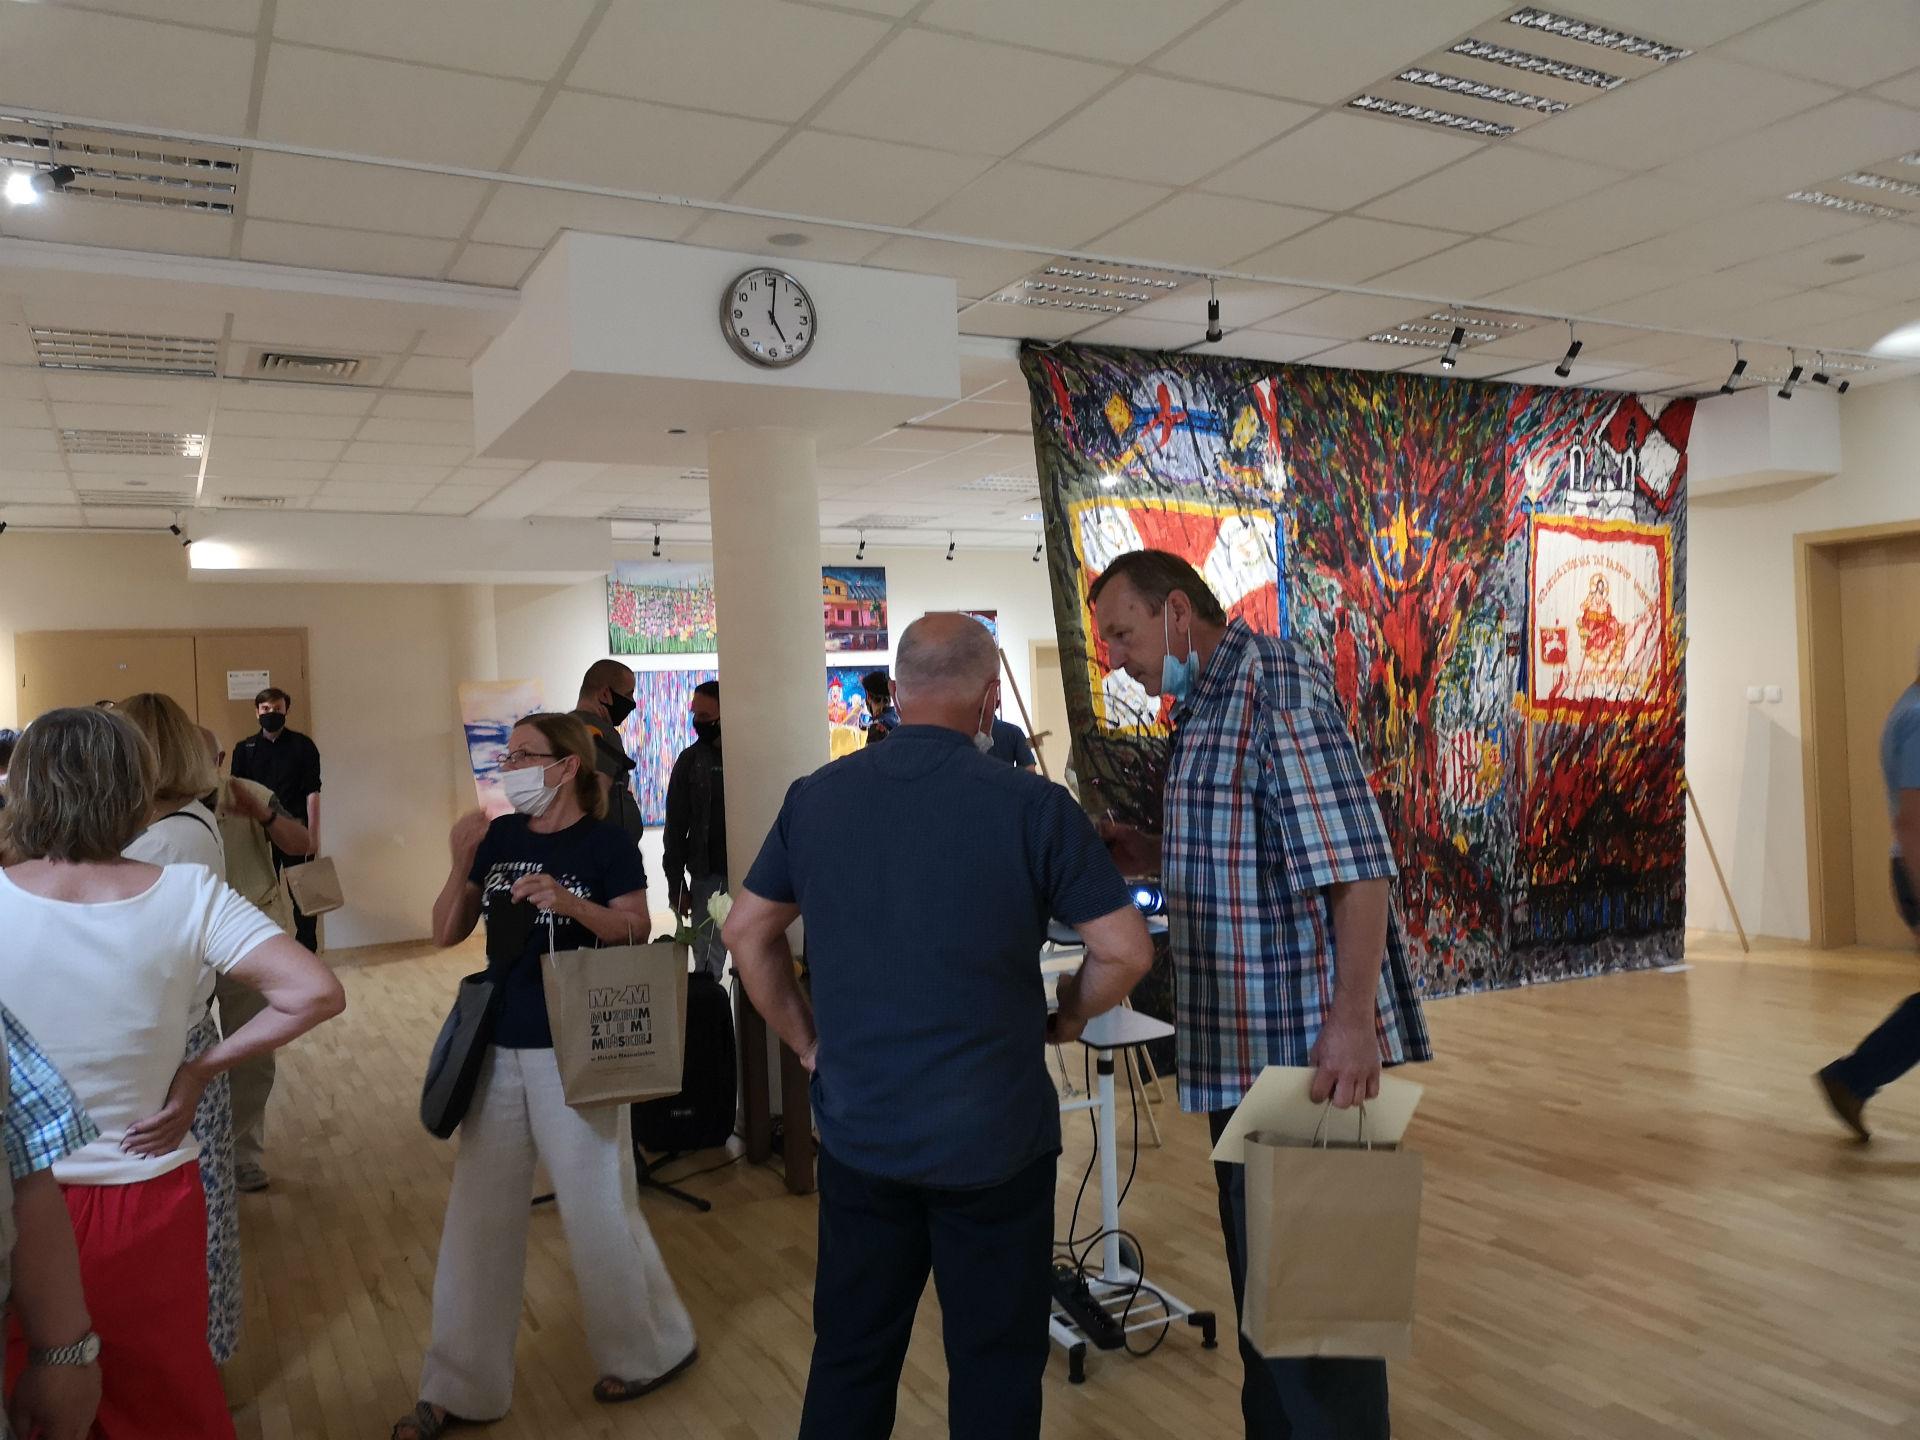 Fotografia wykonana w sali konferencyjno-wystawowej w Miejskiej Bibliotece Publicznej w Mińsku Mazowieckim. Lewą stronę oraz pierwszy plan kadru zajmują zwiedzający. Na drugim planie po prawej stronie wisi zawieszona jest monumentalna tkanina, na której namalowano obraz o tematyce patriotycznej.